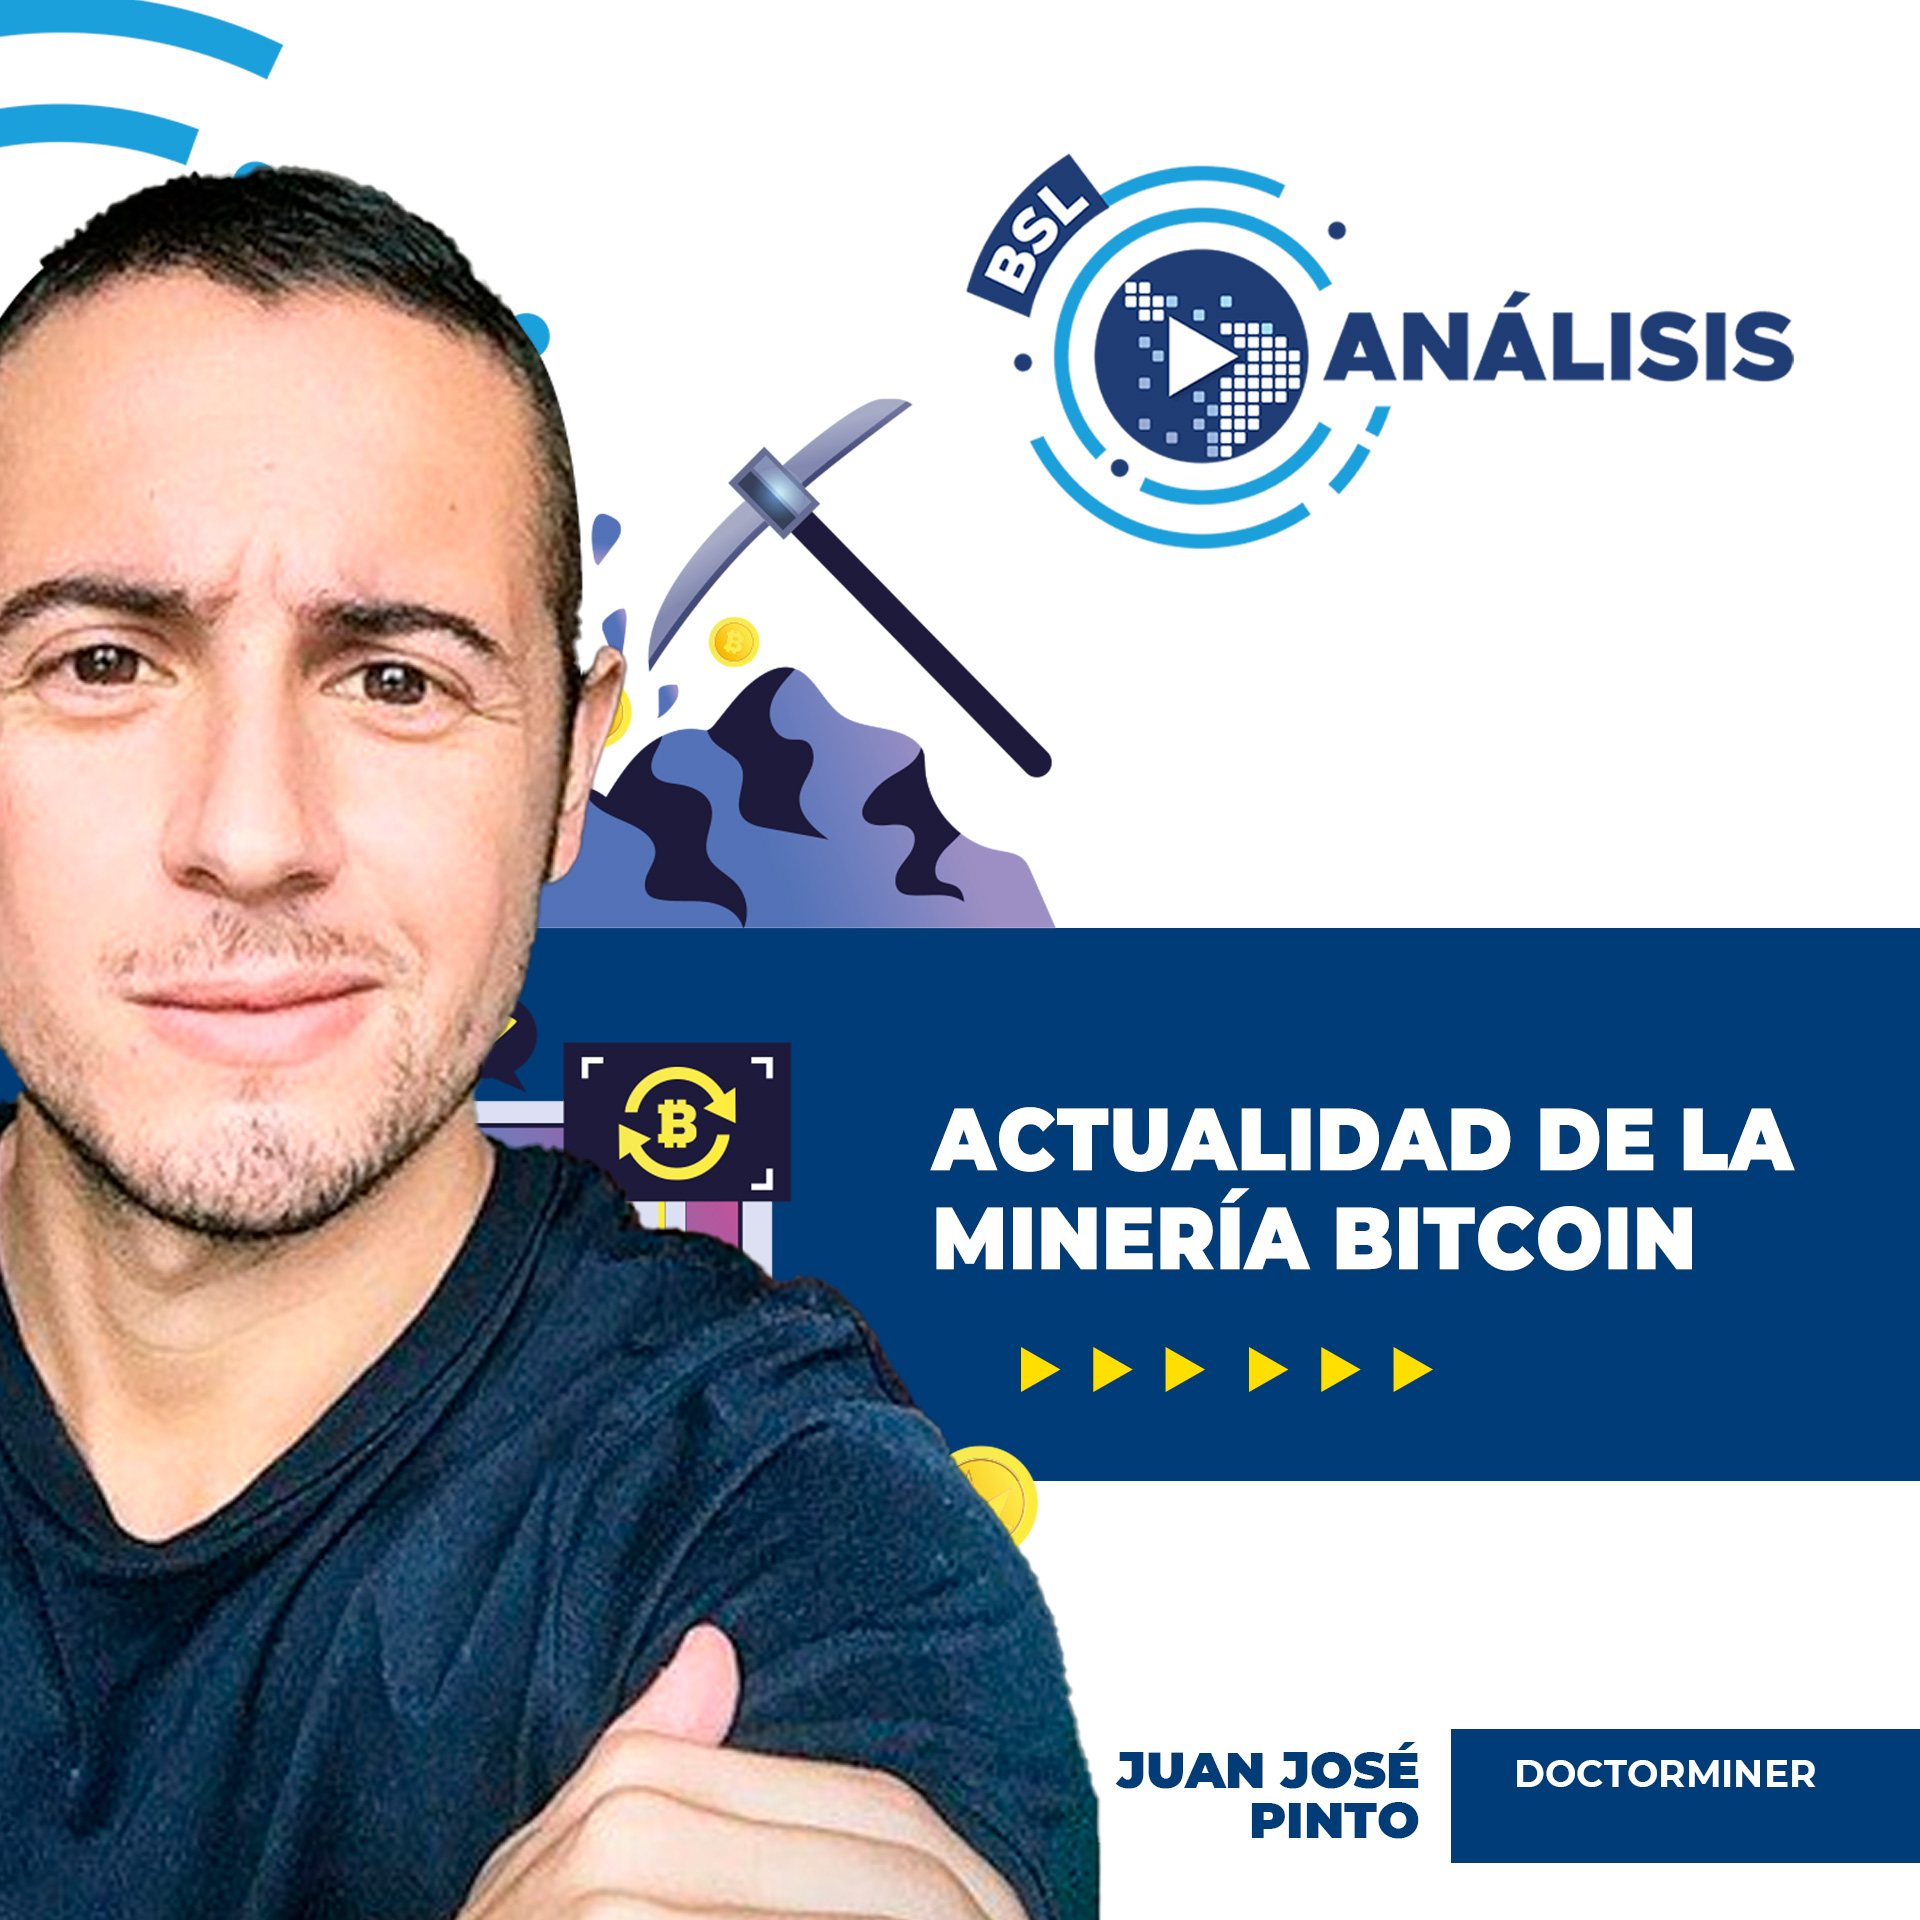 bsl Analisis minería de Bitcoin juan josé pinto doctorminer